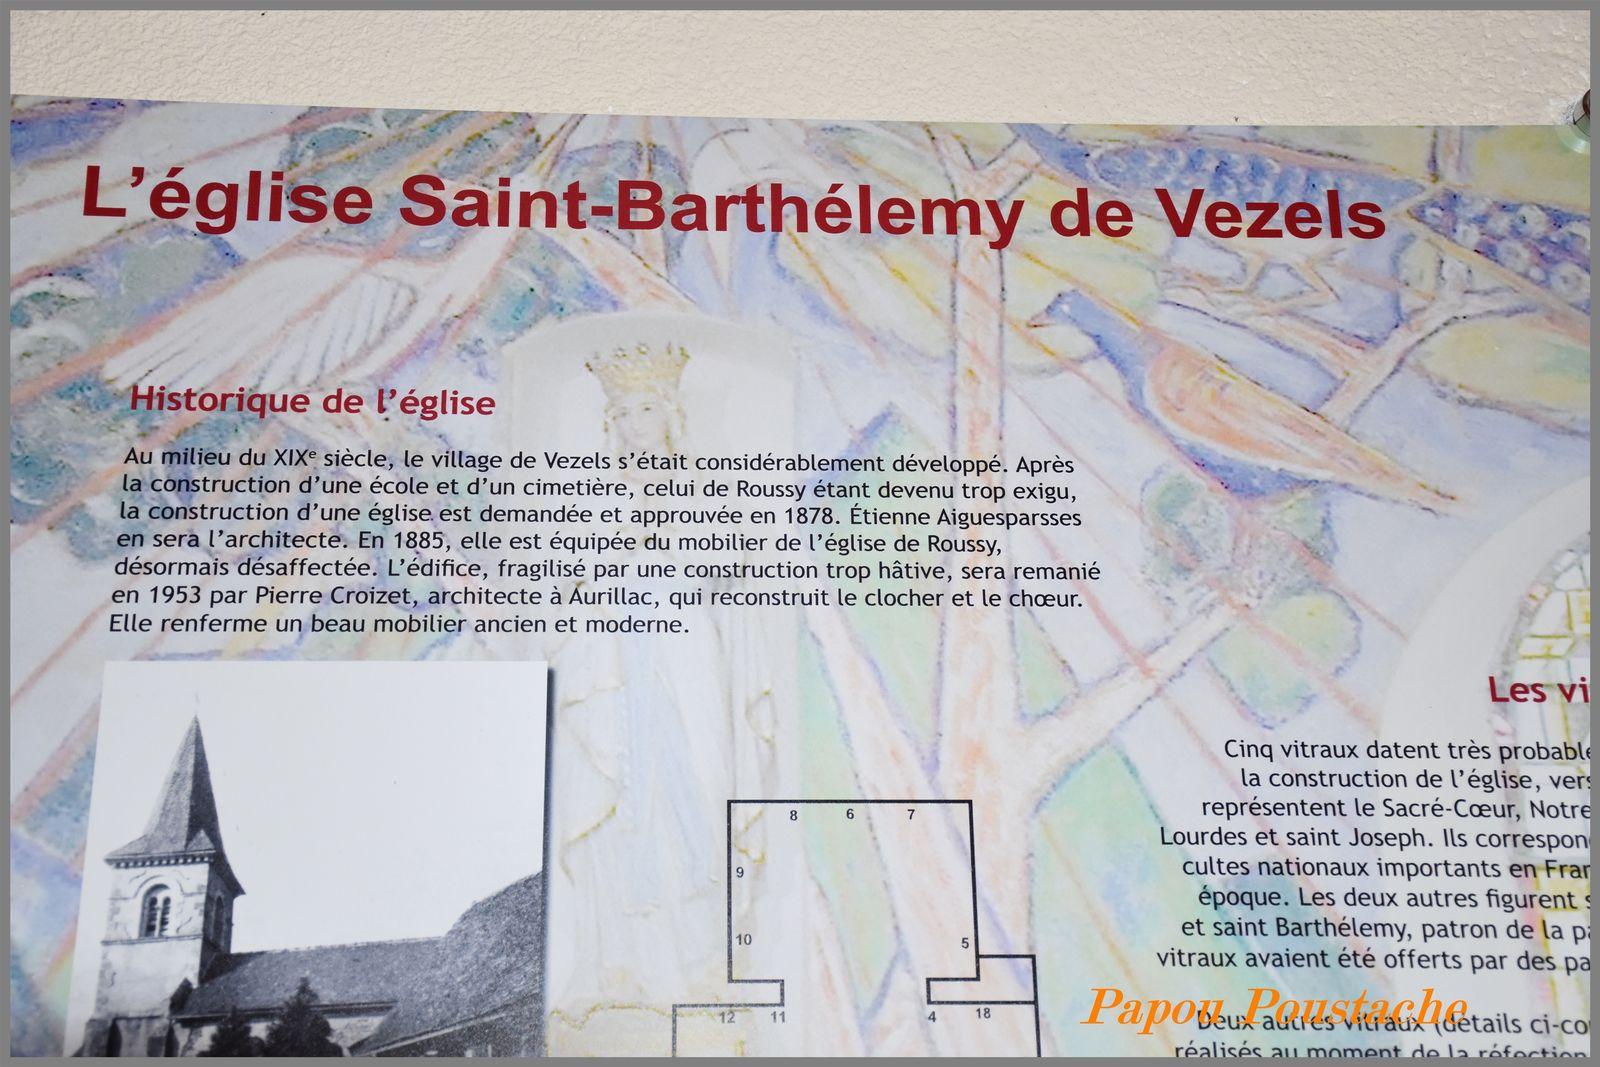 Vezels-Roussy